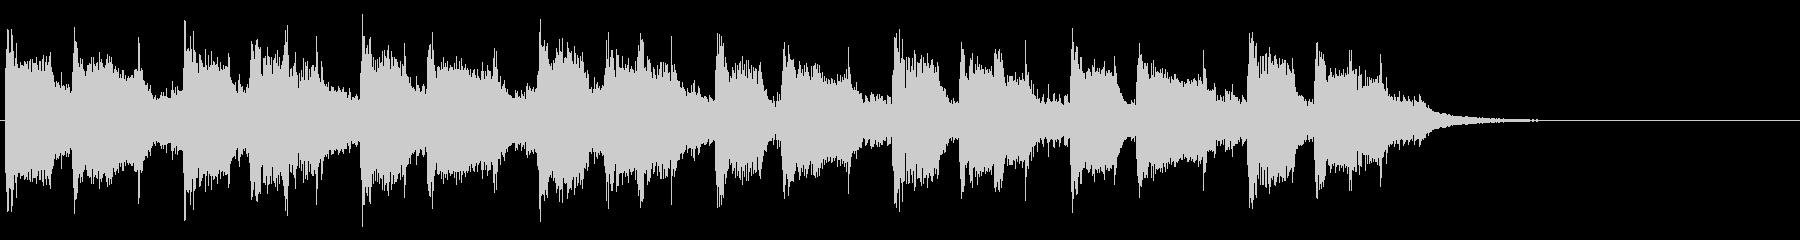 30秒CM用BGMの未再生の波形